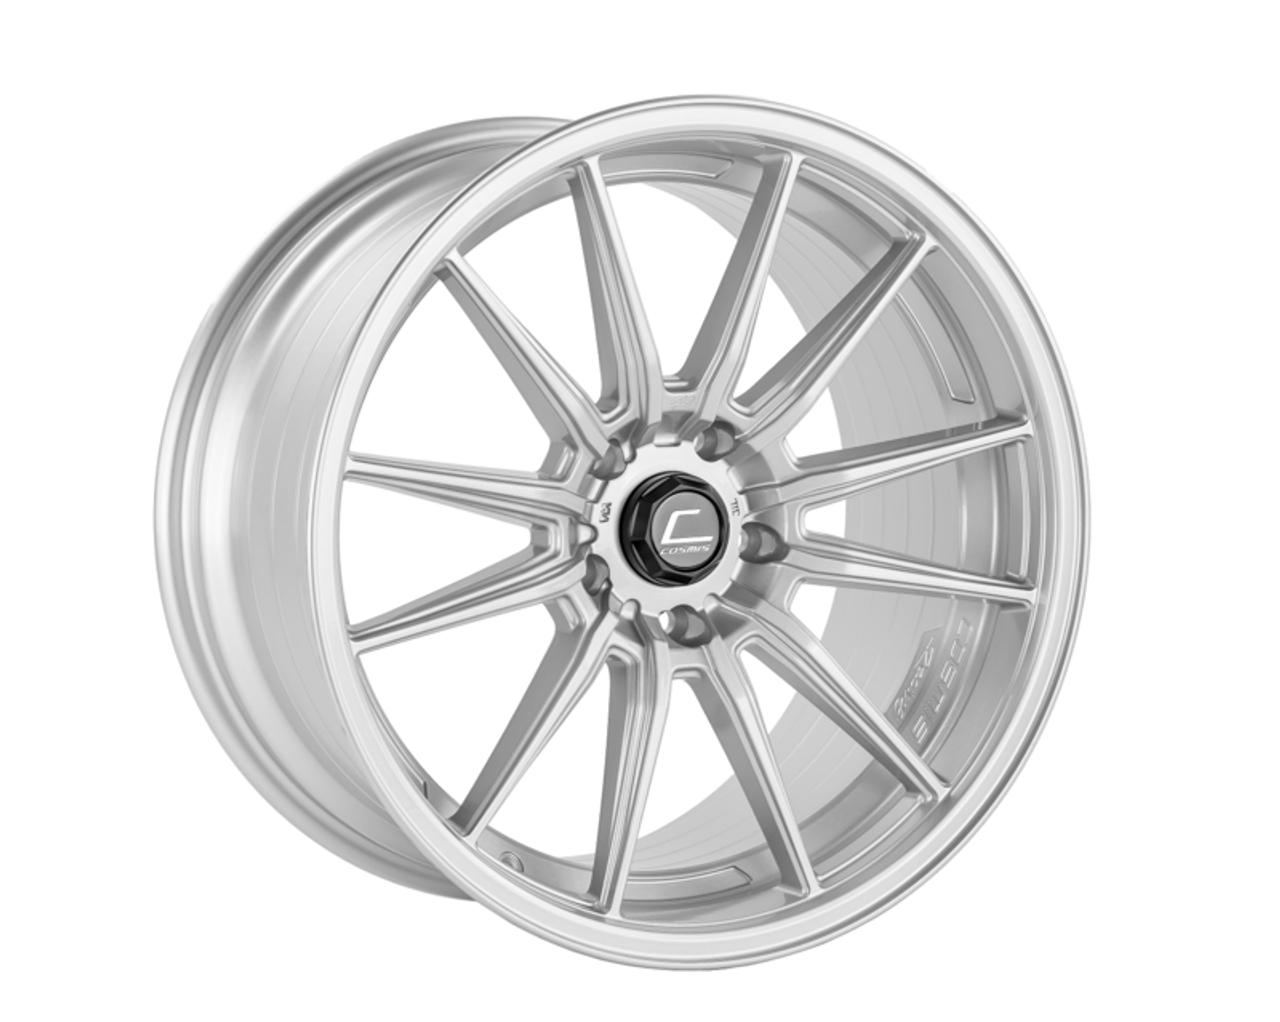 R1 Pro Wheels